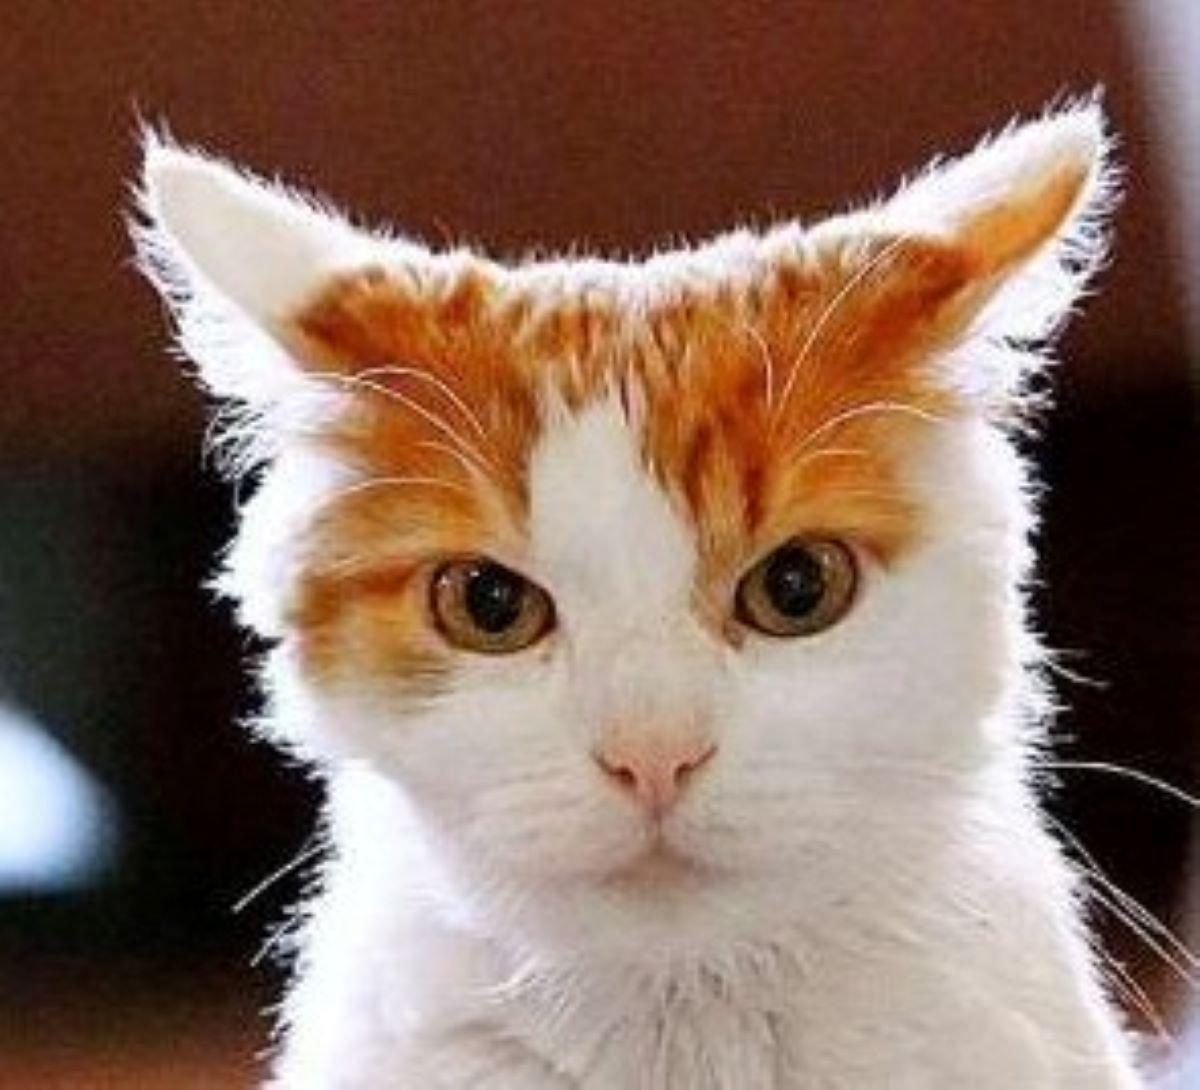 gatto-bianco-e-marrone-sguardo